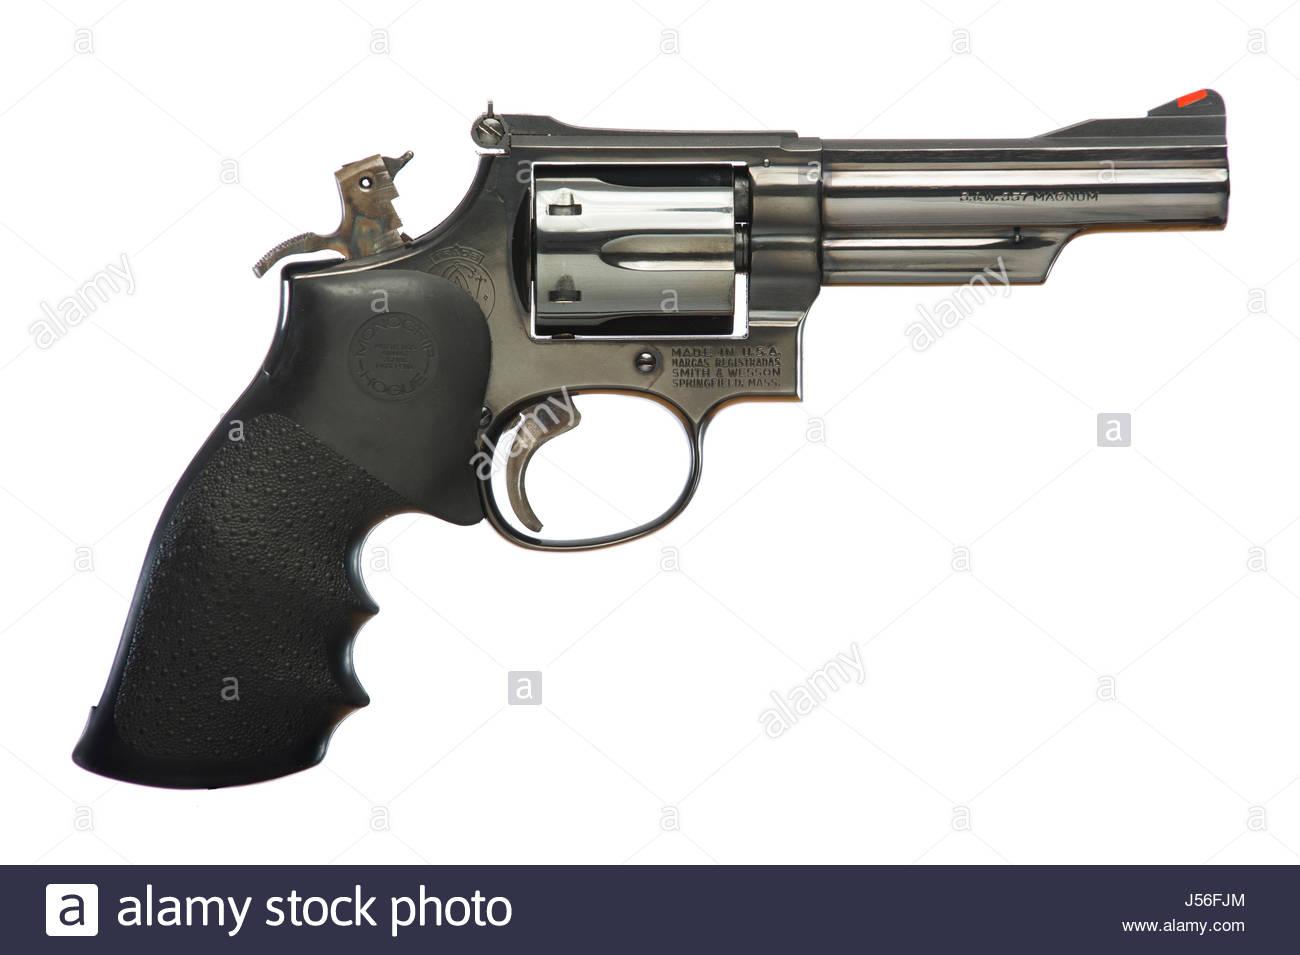 Smith & Wesson Model 57, .357 Magnum caliber, N frame, 4 inch barrel ...